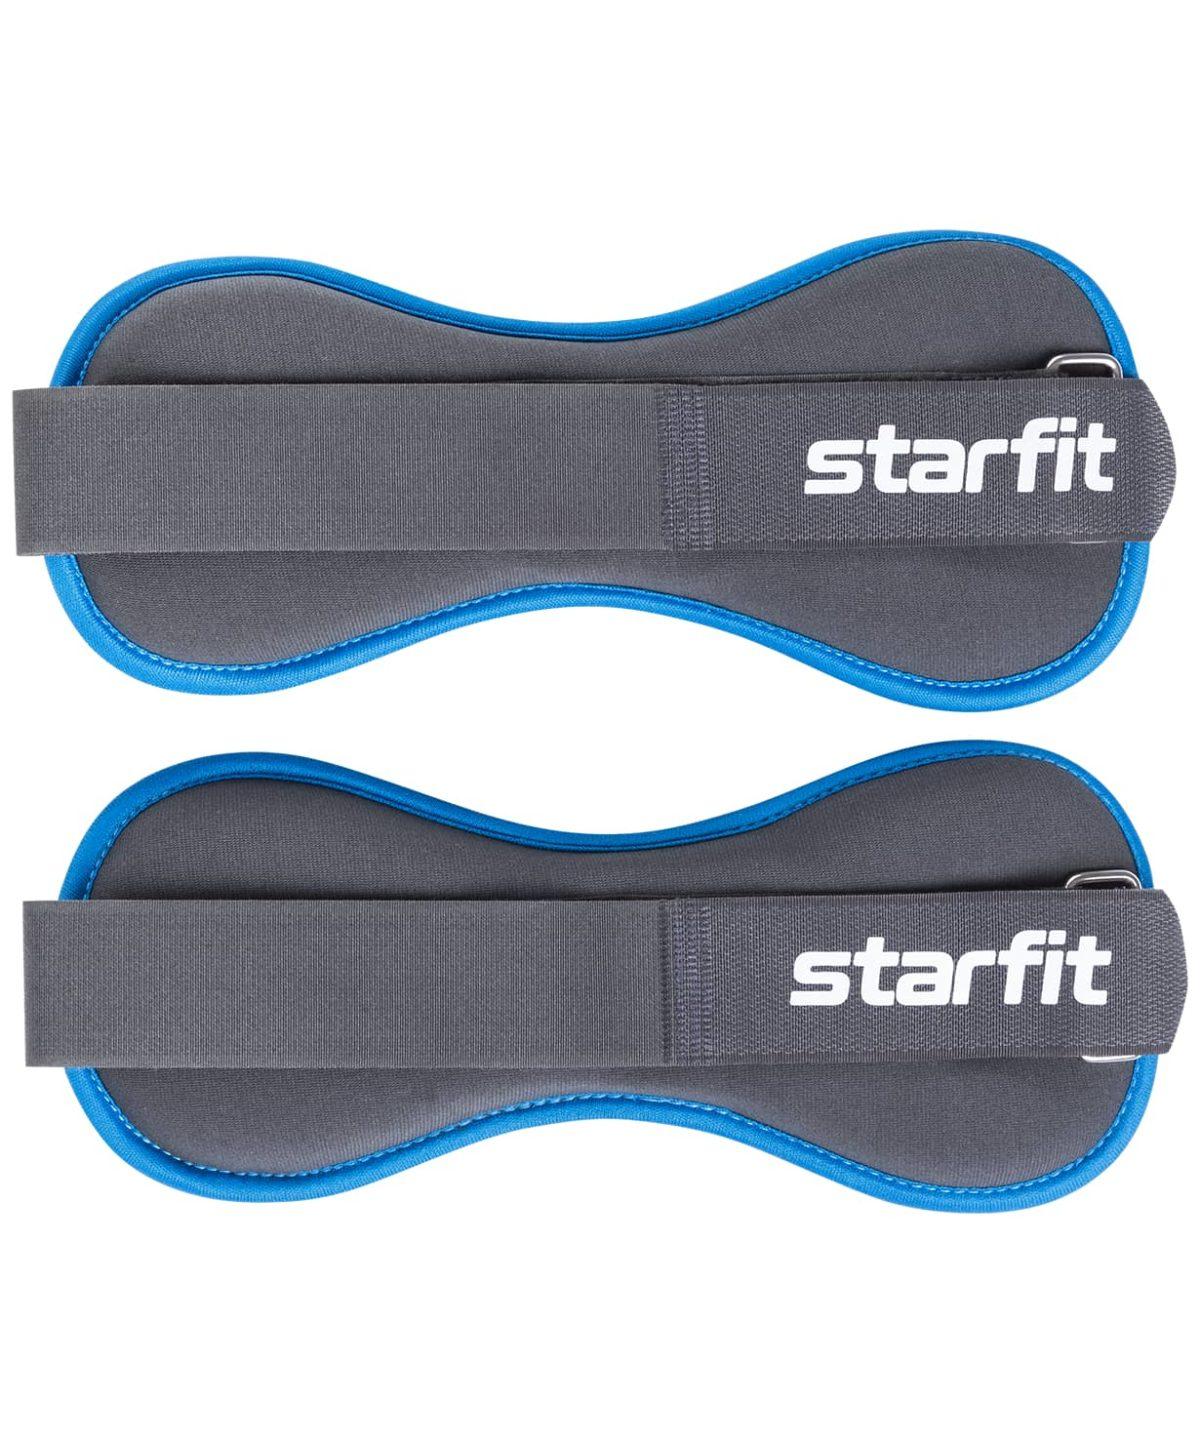 STARFIT утяжелители универсальные, 2 кг WT-501 - 1